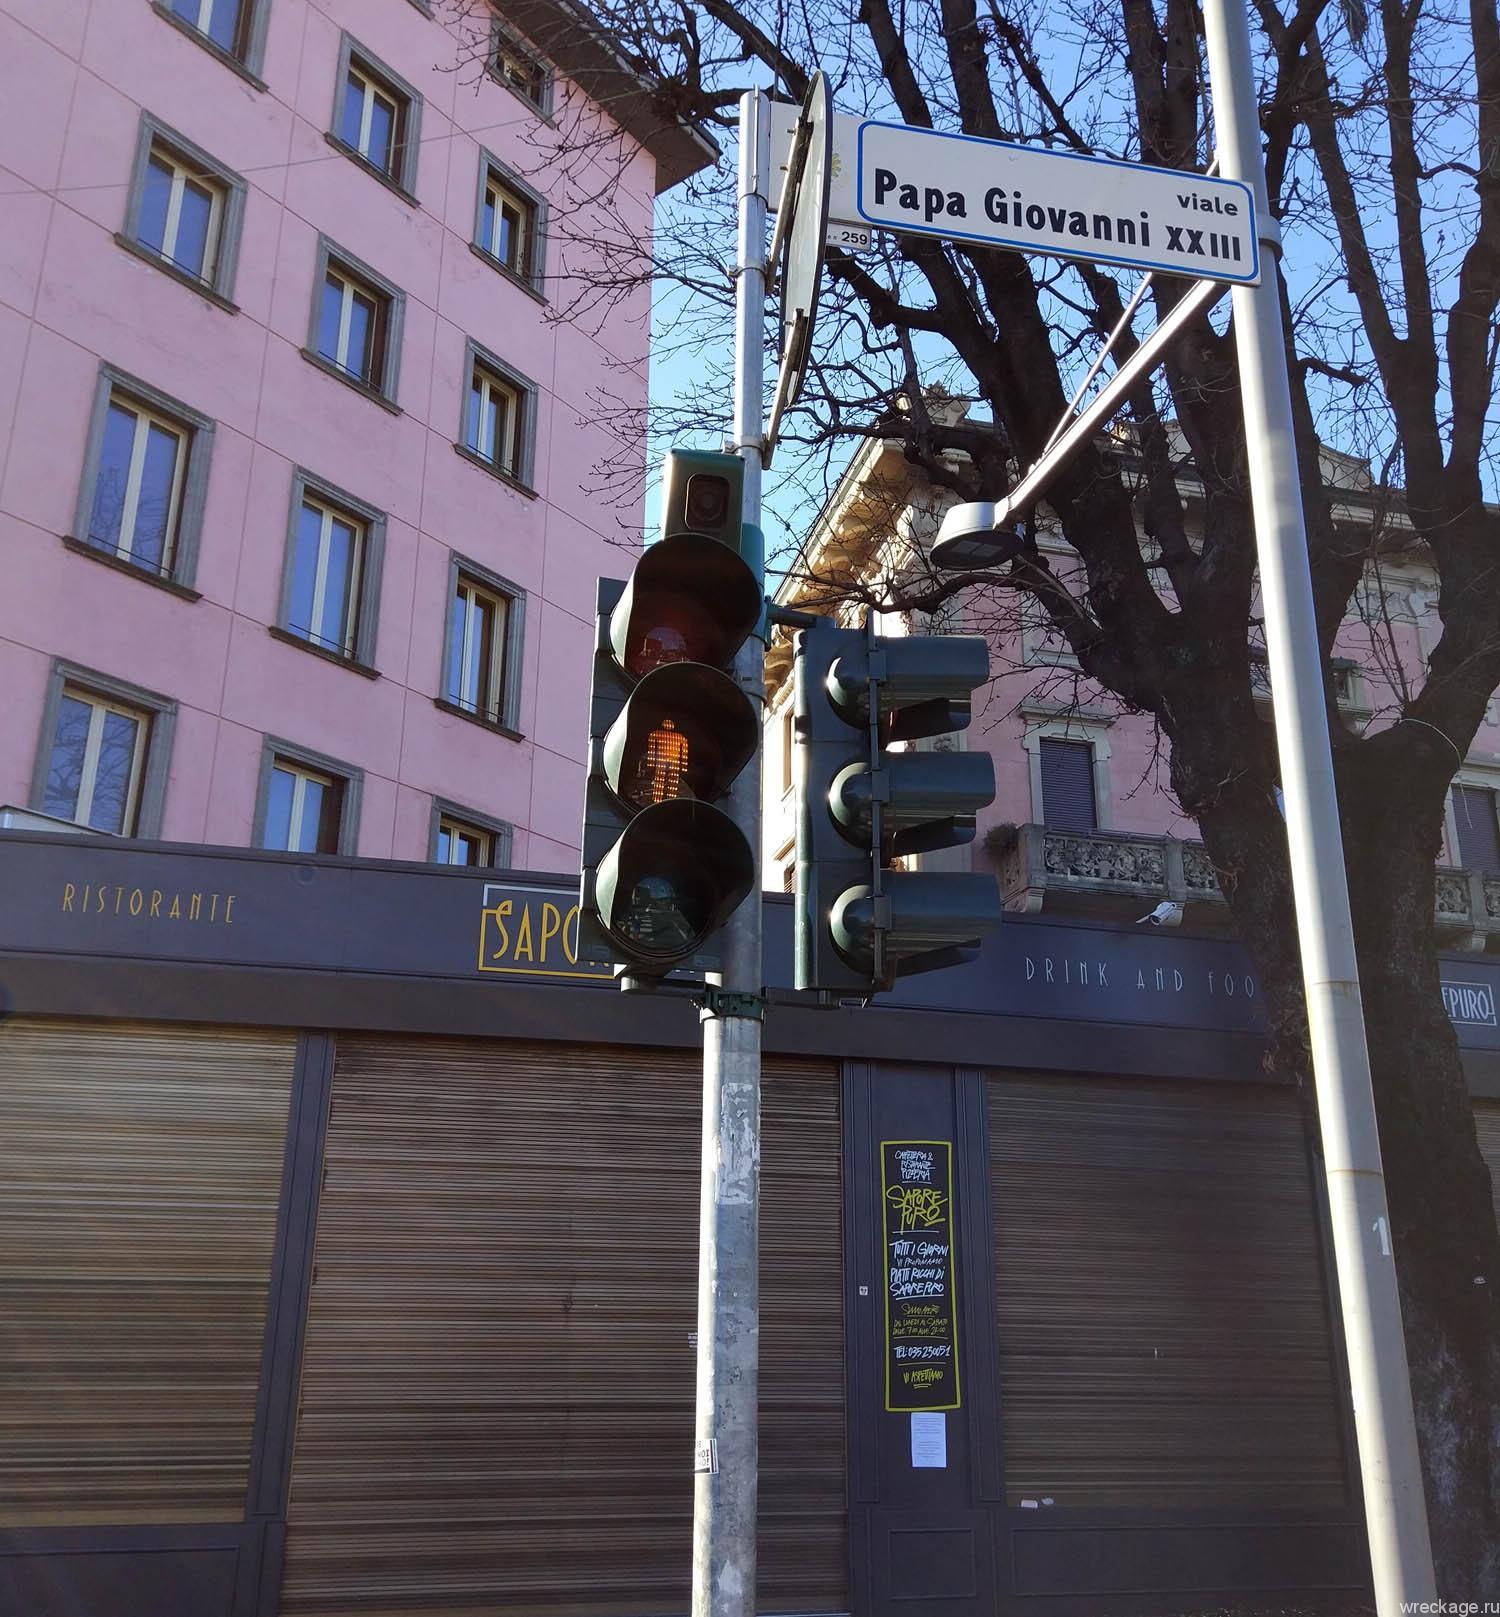 италия жёлтый свет светофора для пешехода